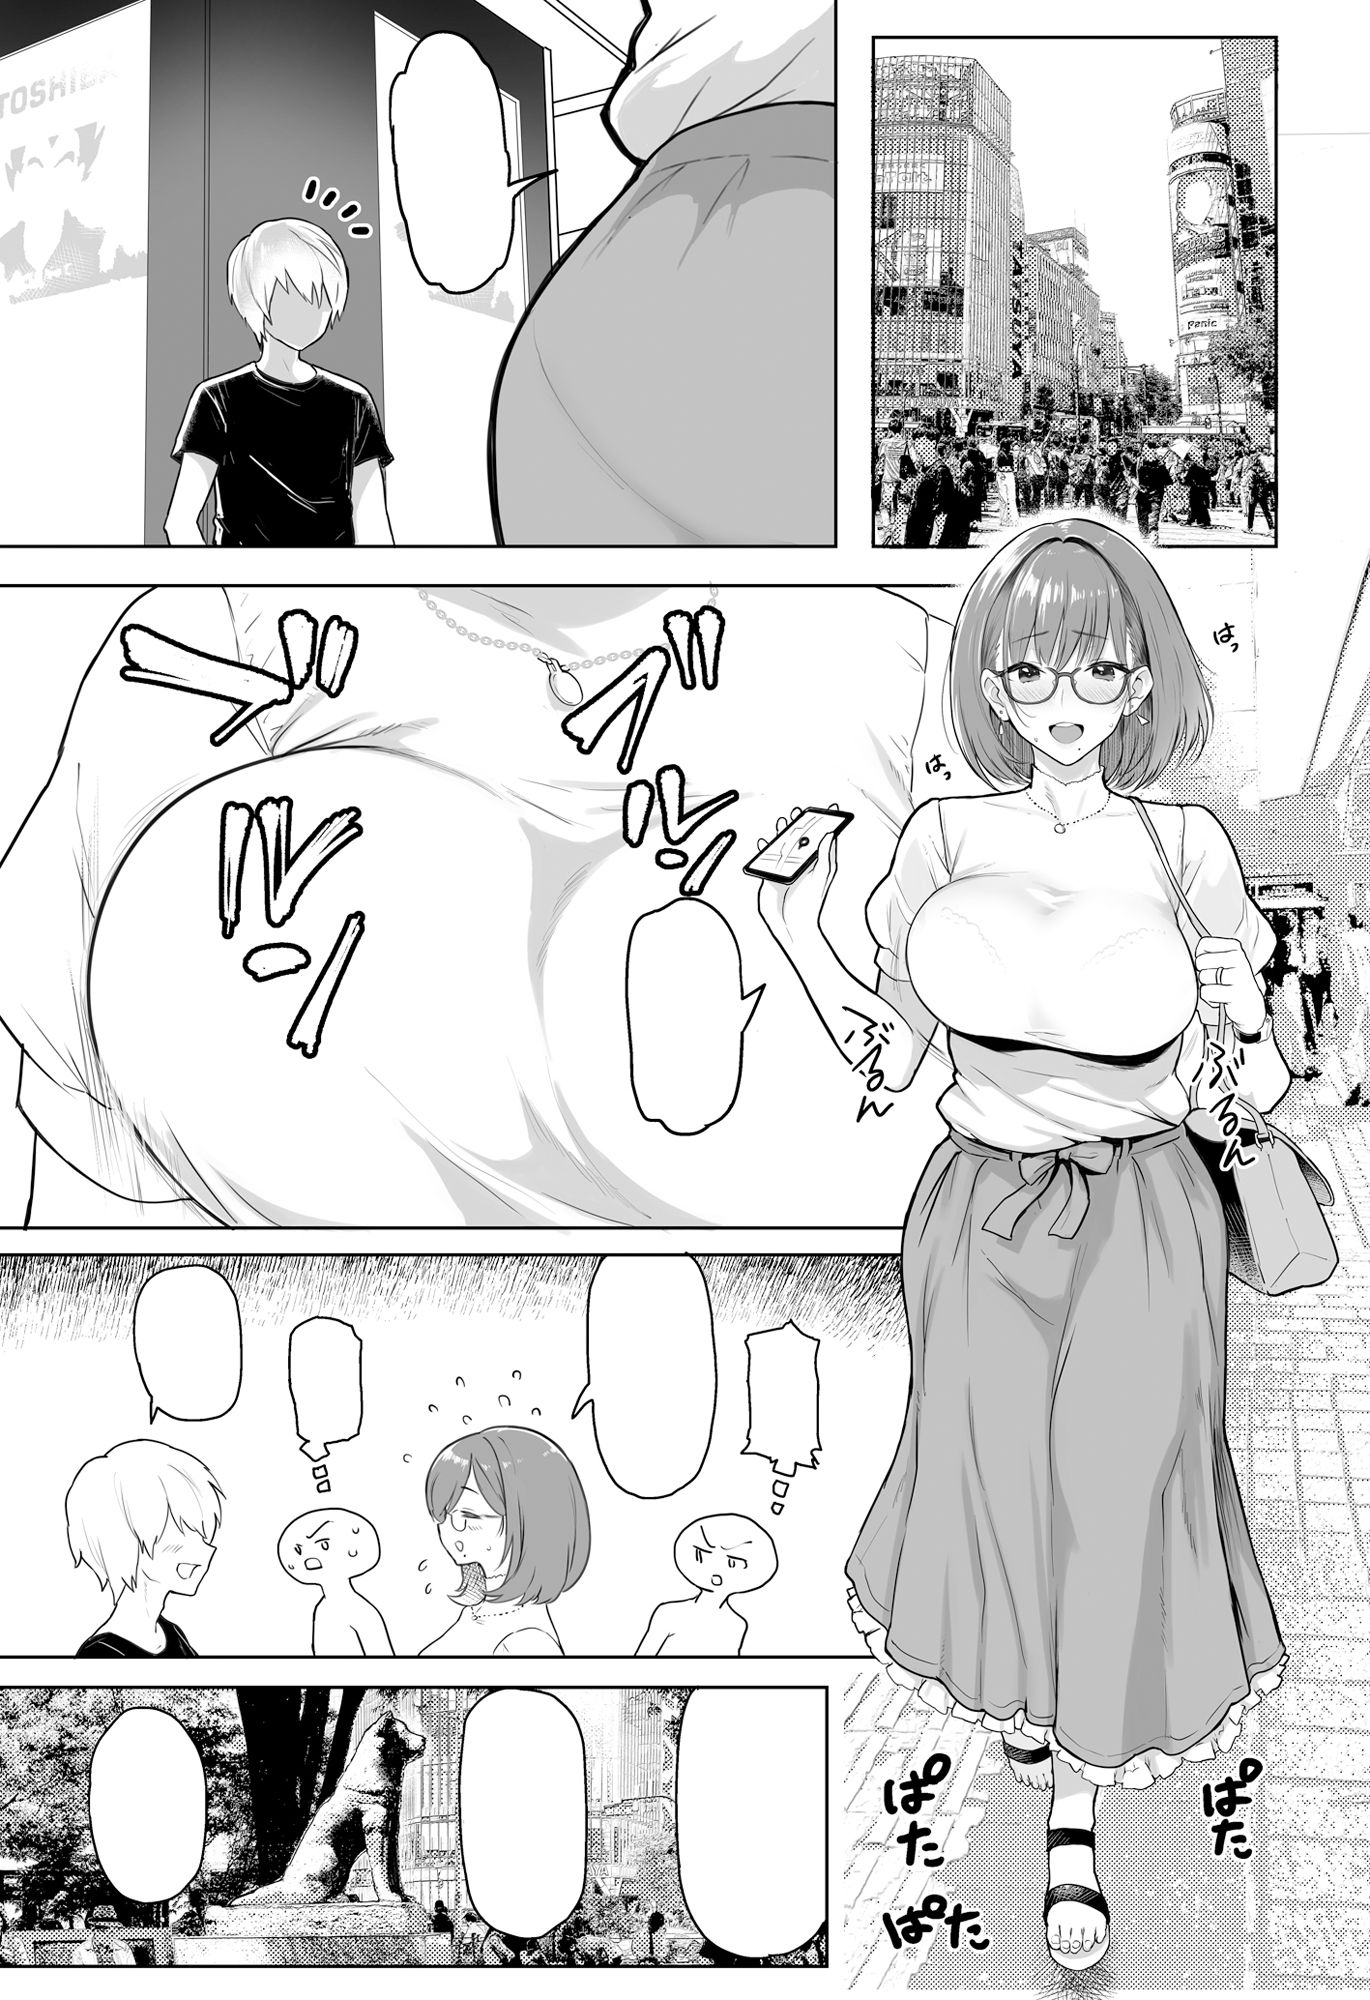 【エロ漫画無料大全集】【浮気エロ漫画】メガネ人妻が若い男と浮気にハマった結果…